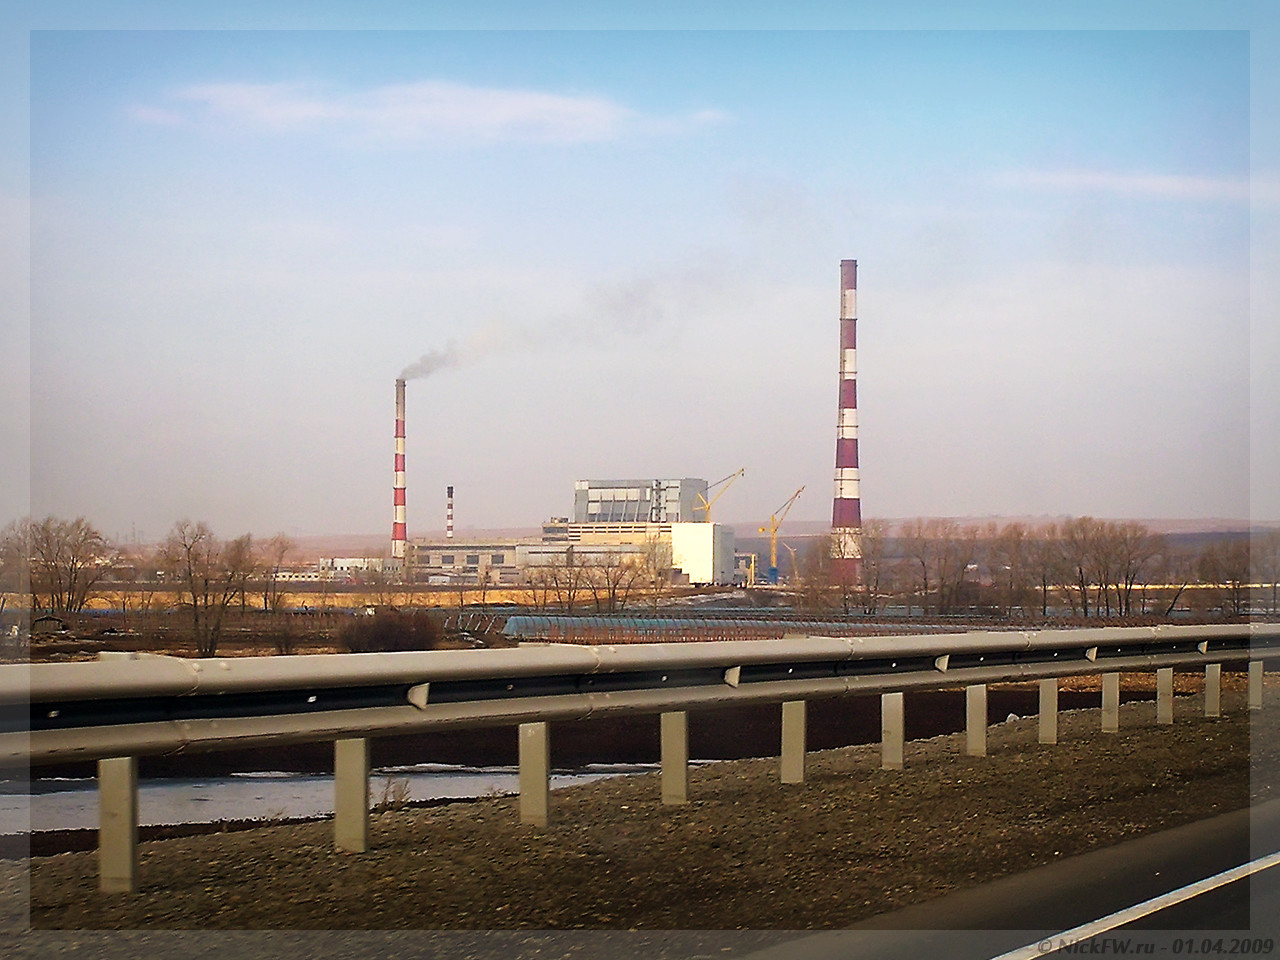 Красноярская ТЭЦ-3 (© NickFW - 01.04.2009)